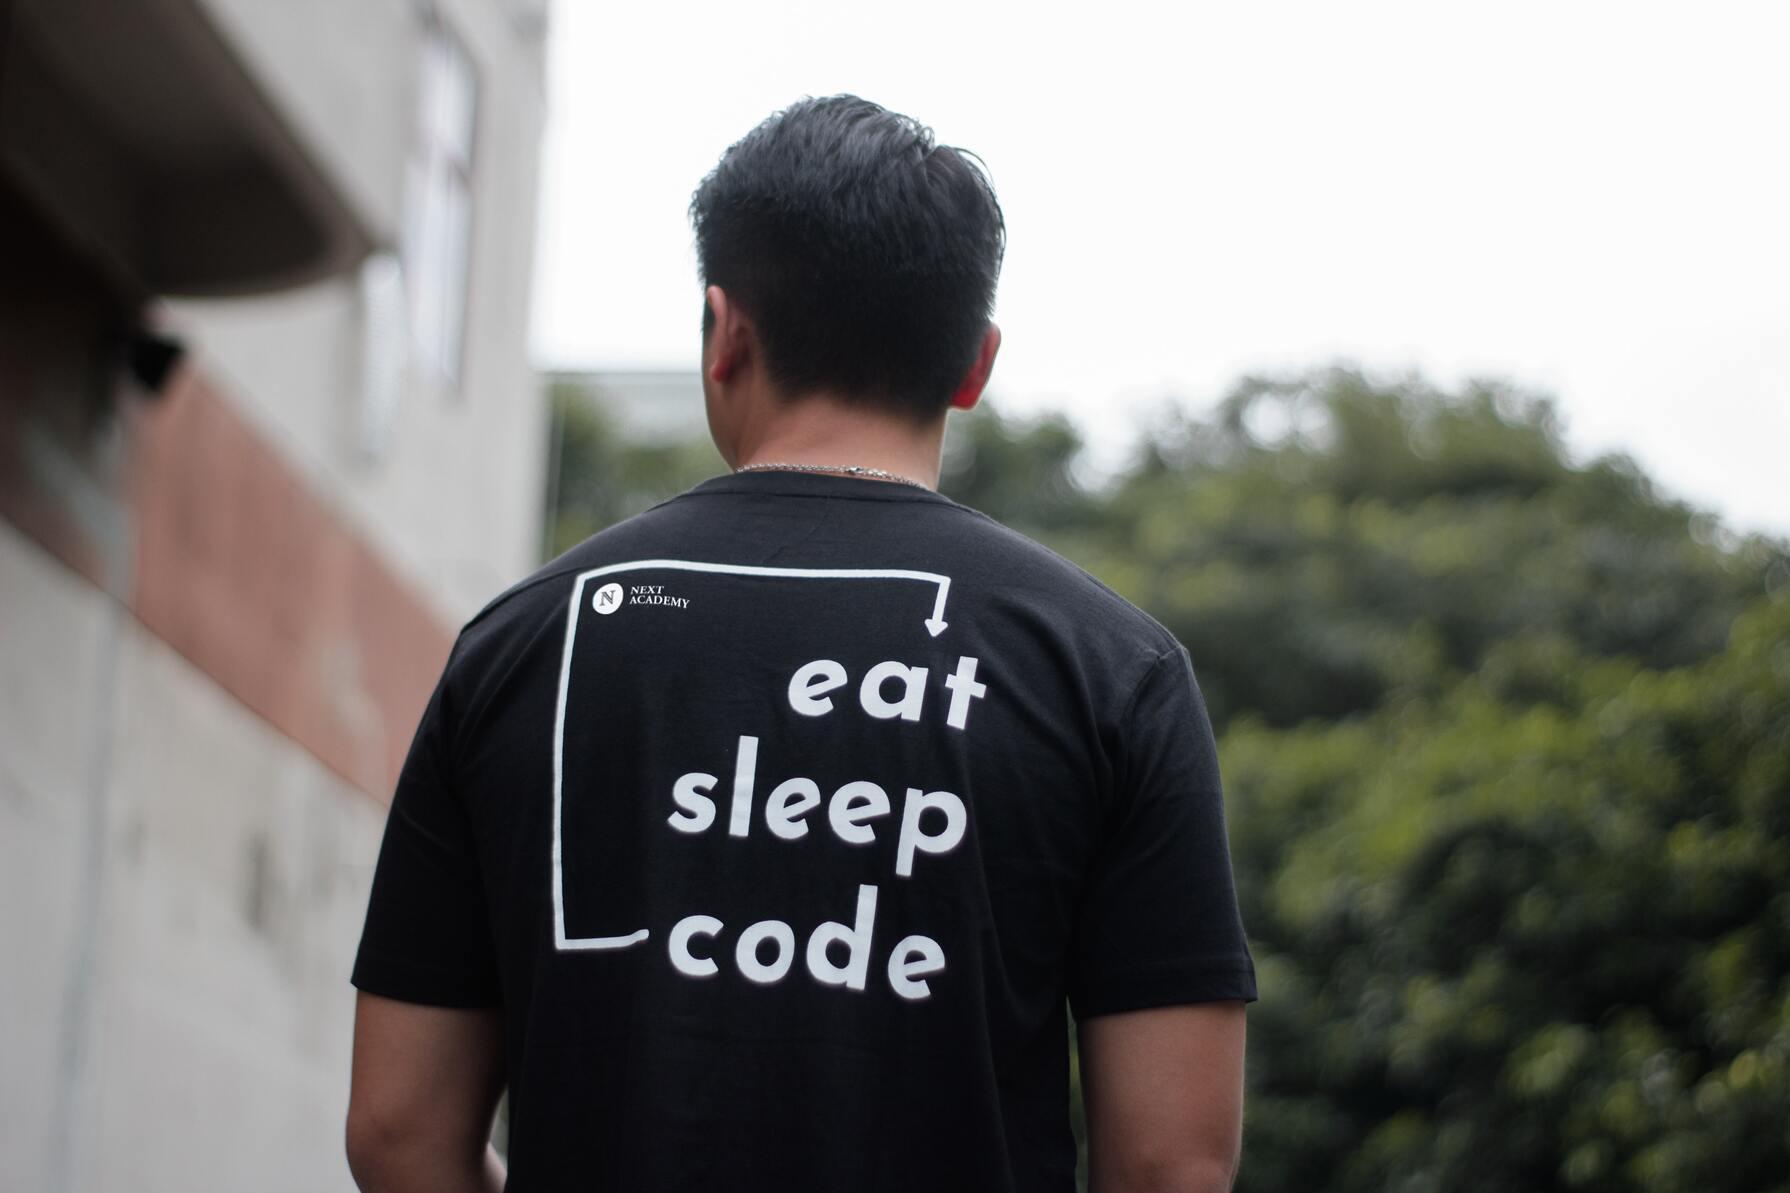 Apprendre à coder en bootcamp : 6 conseils pour bien se préparer